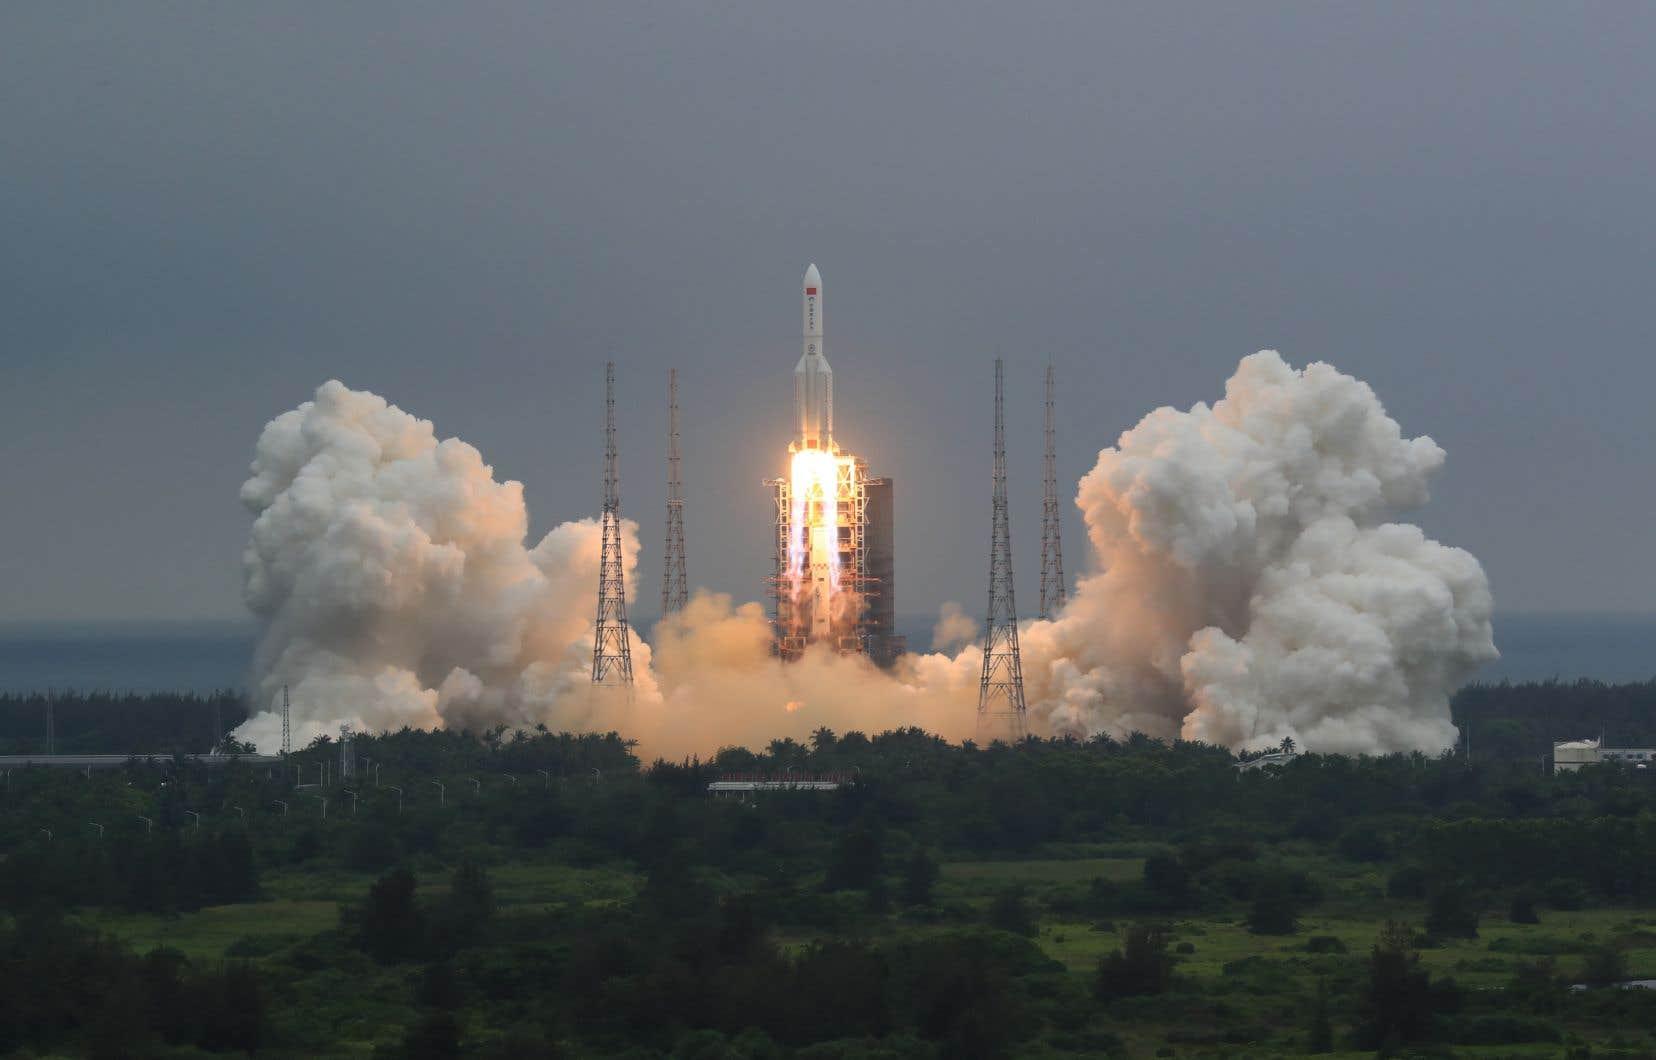 Le point d'arrivée du segment de la fusée chinoise Longue-Marche 5B (qu'on voit ici au décollage), au nord des Maldives, correspond aux prévisions de certains experts. Mais l'entrée incontrôlée d'un objet de cette taille dans l'atmosphère a suscité des inquiétudes.